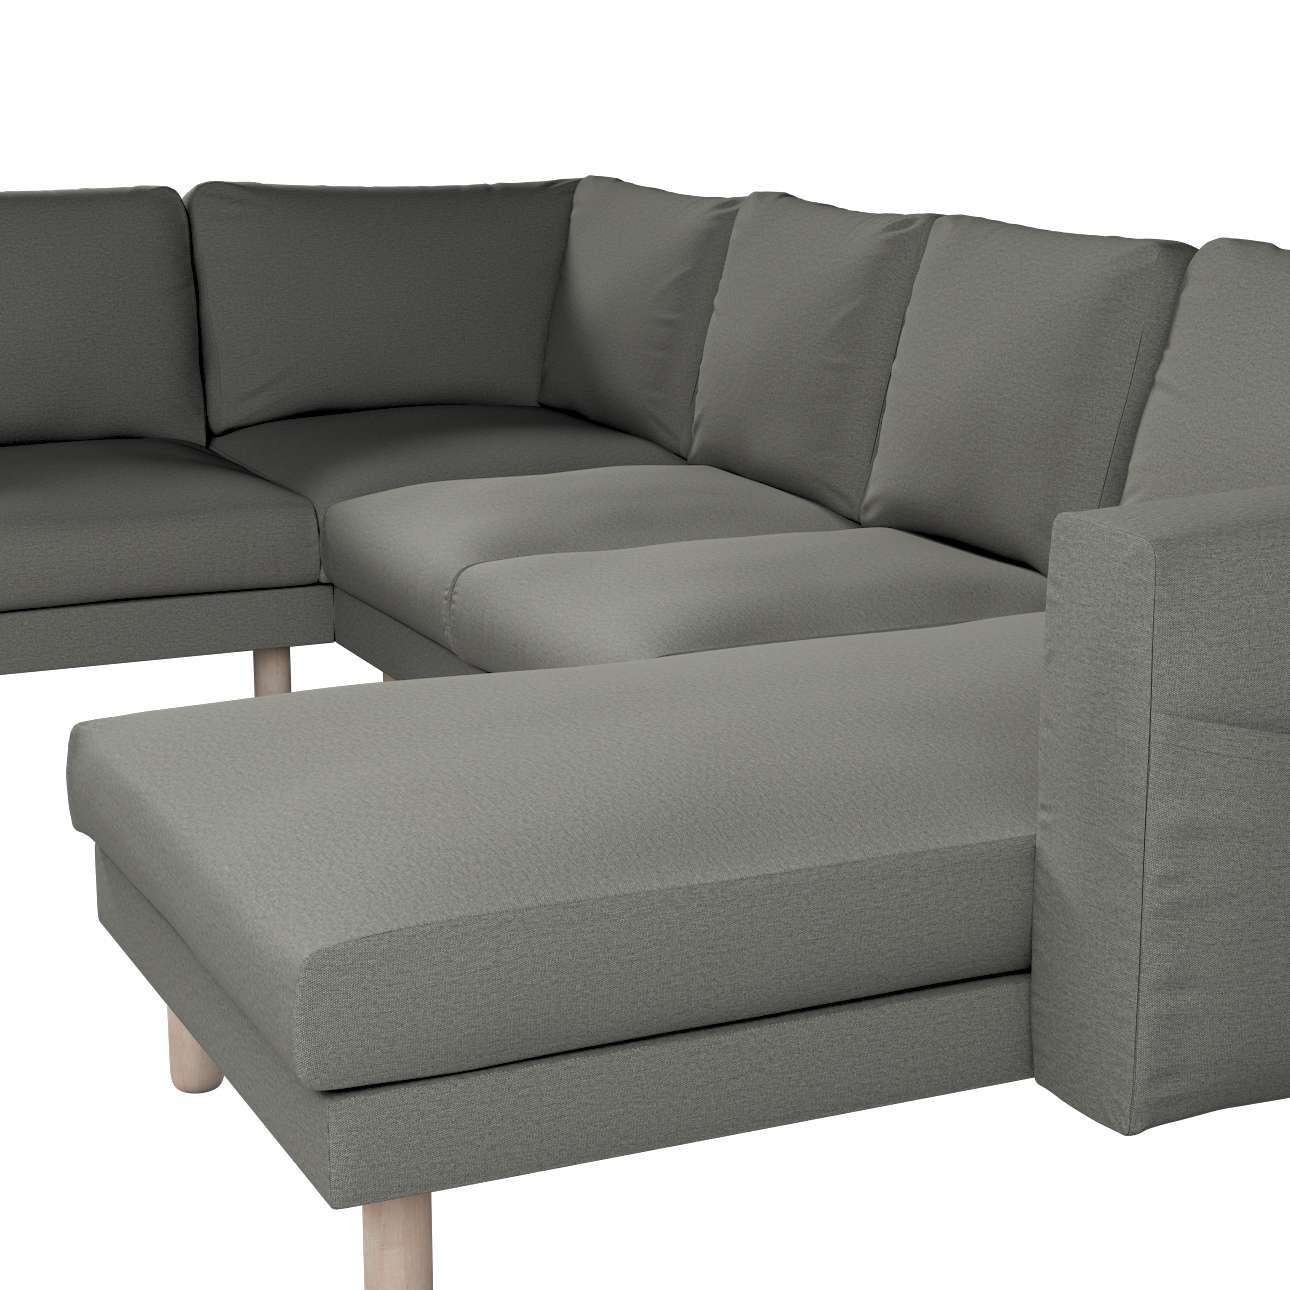 Pokrowiec na sofę narożną Norsborg 5-osobową z szezlongiem w kolekcji Etna, tkanina: 161-25